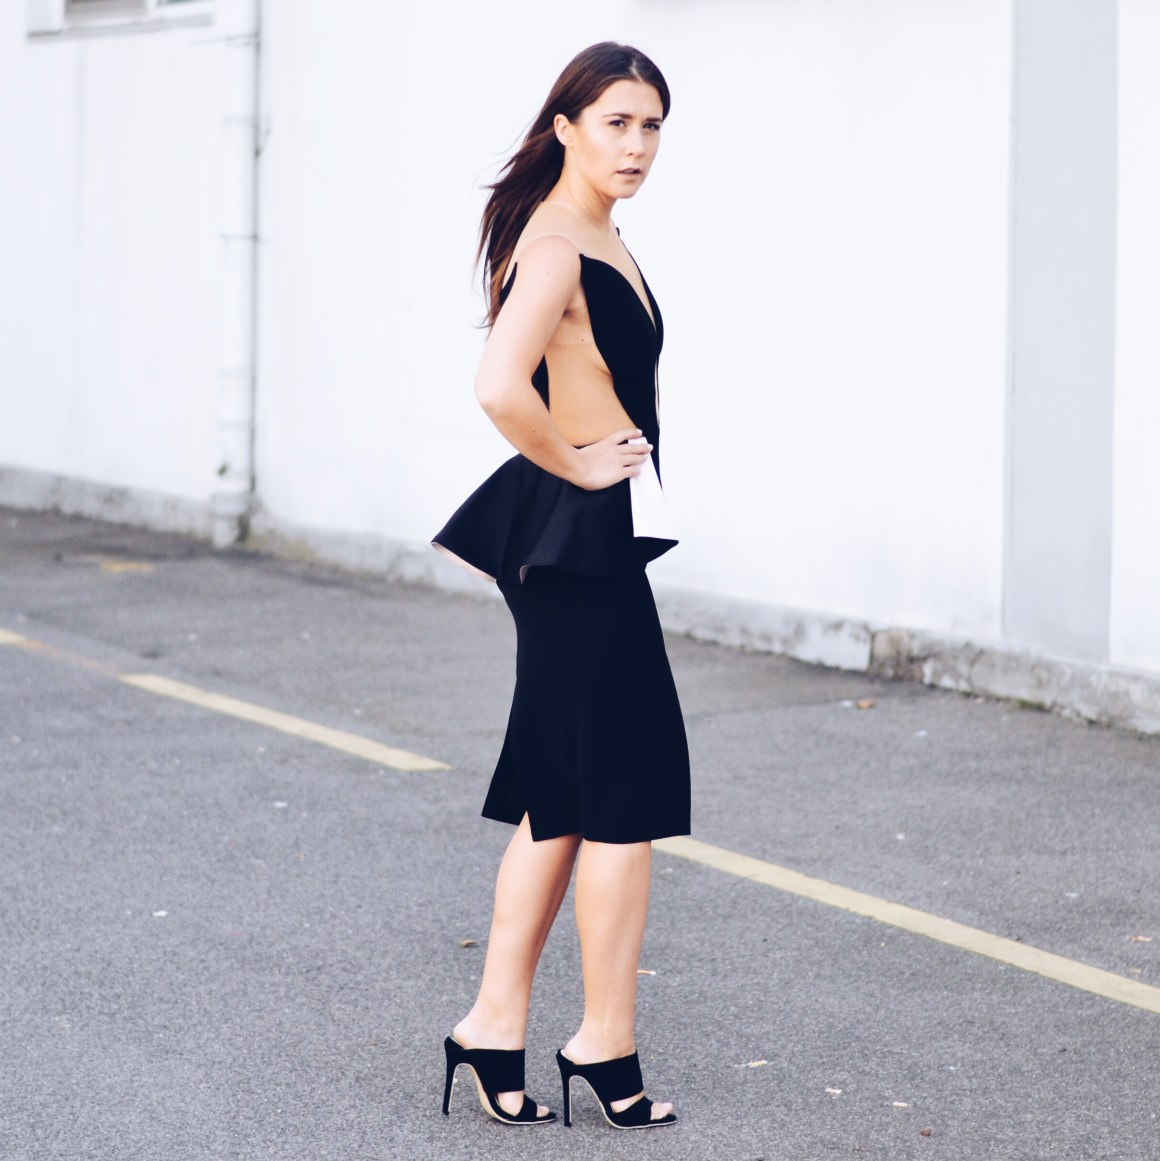 allthatchoices peggy hartanton taketwo london fashionblogger designerkleid cutoutkleid peplumkleid peplum schwarz sandaletten highheels schösschen brunette mbfw16